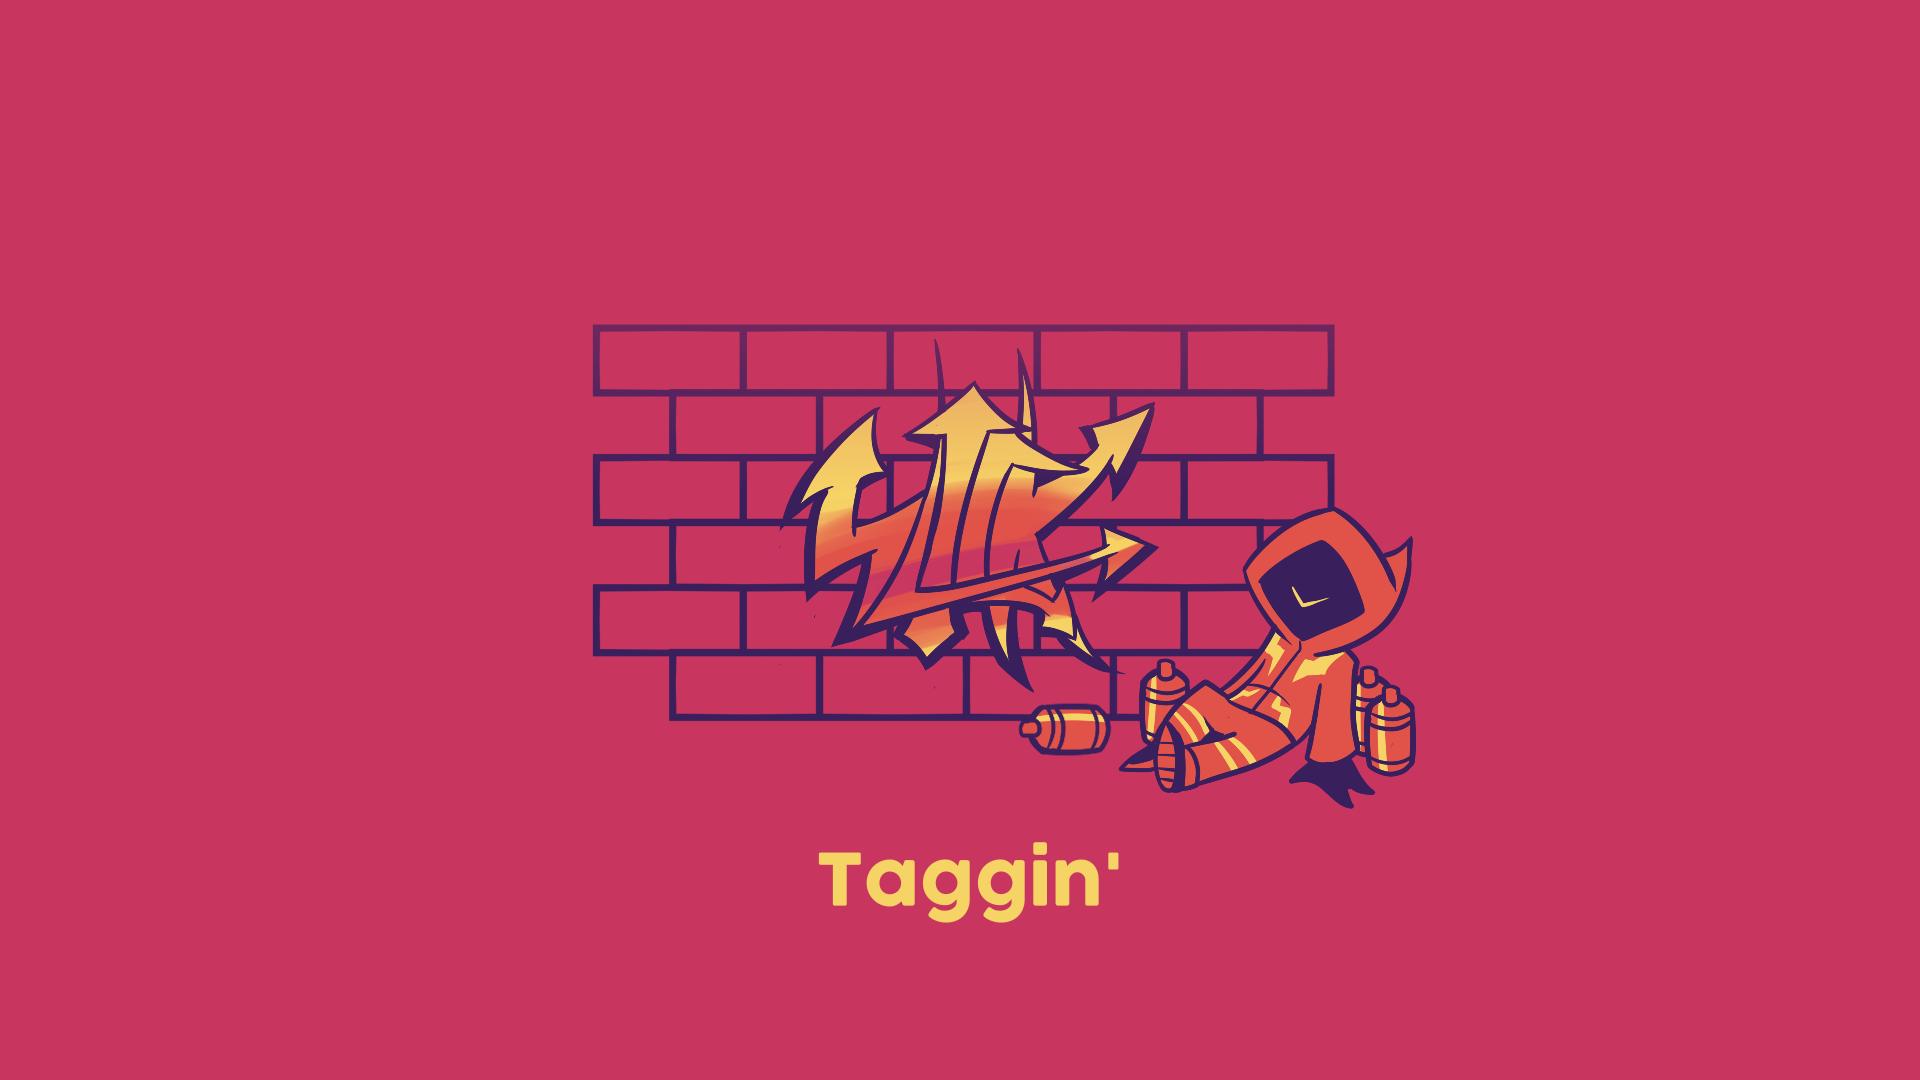 Taggin'